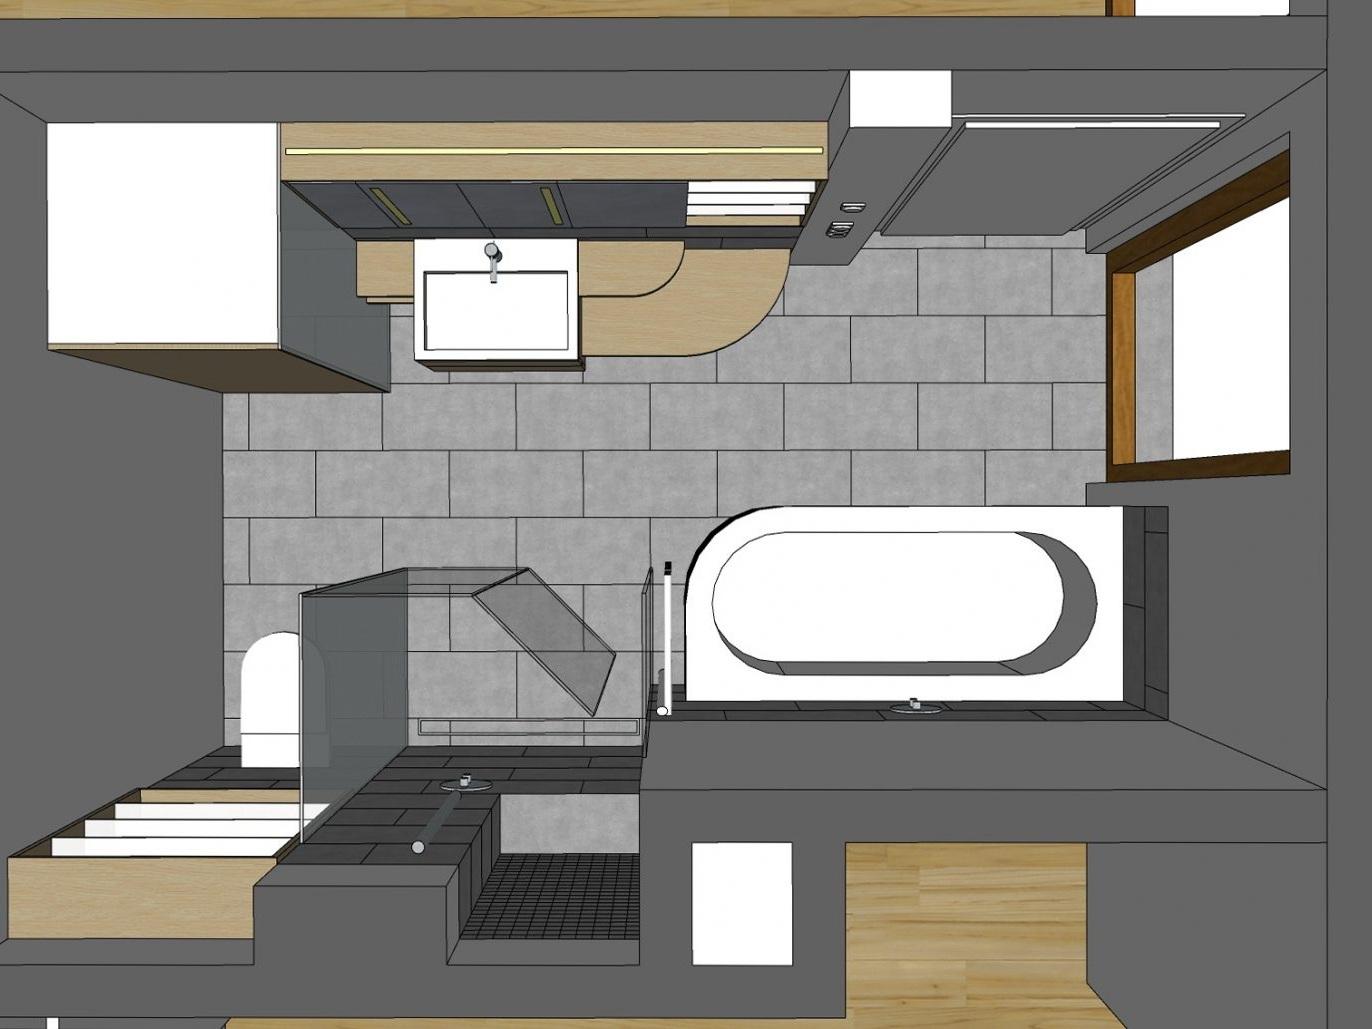 Komfortbad - Visualisierung von oben